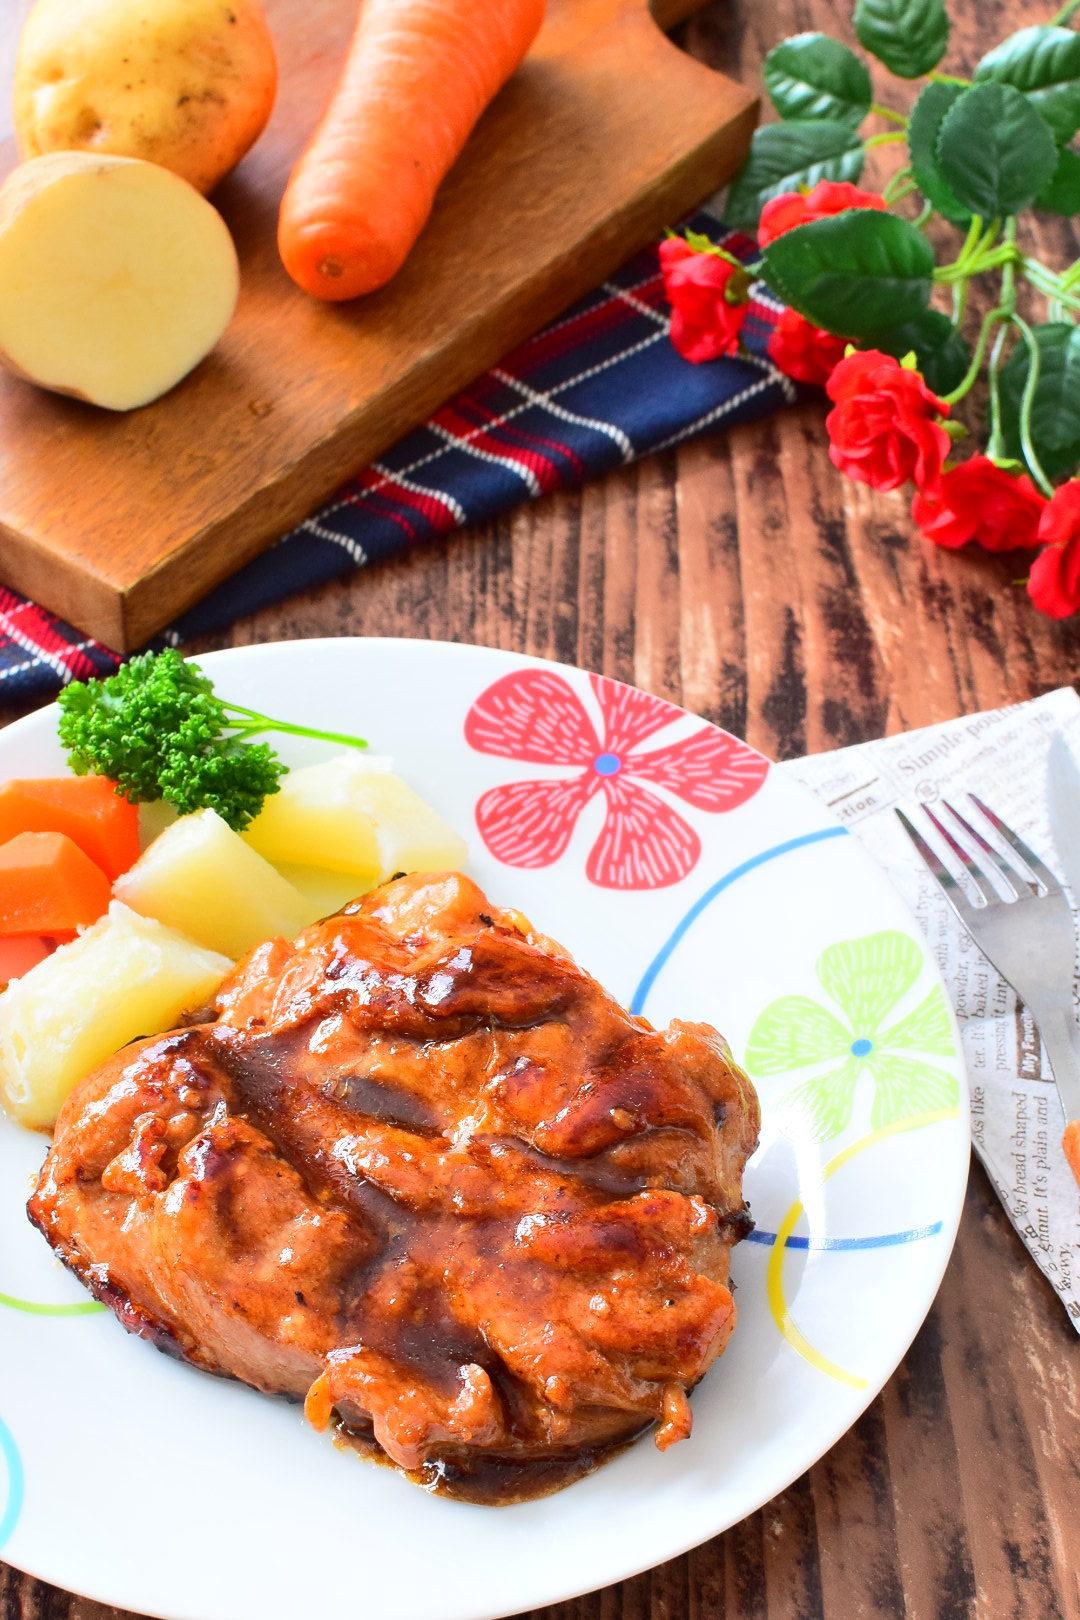 旨味アップ!塩こうじ漬け鶏ももステーキのレシピ